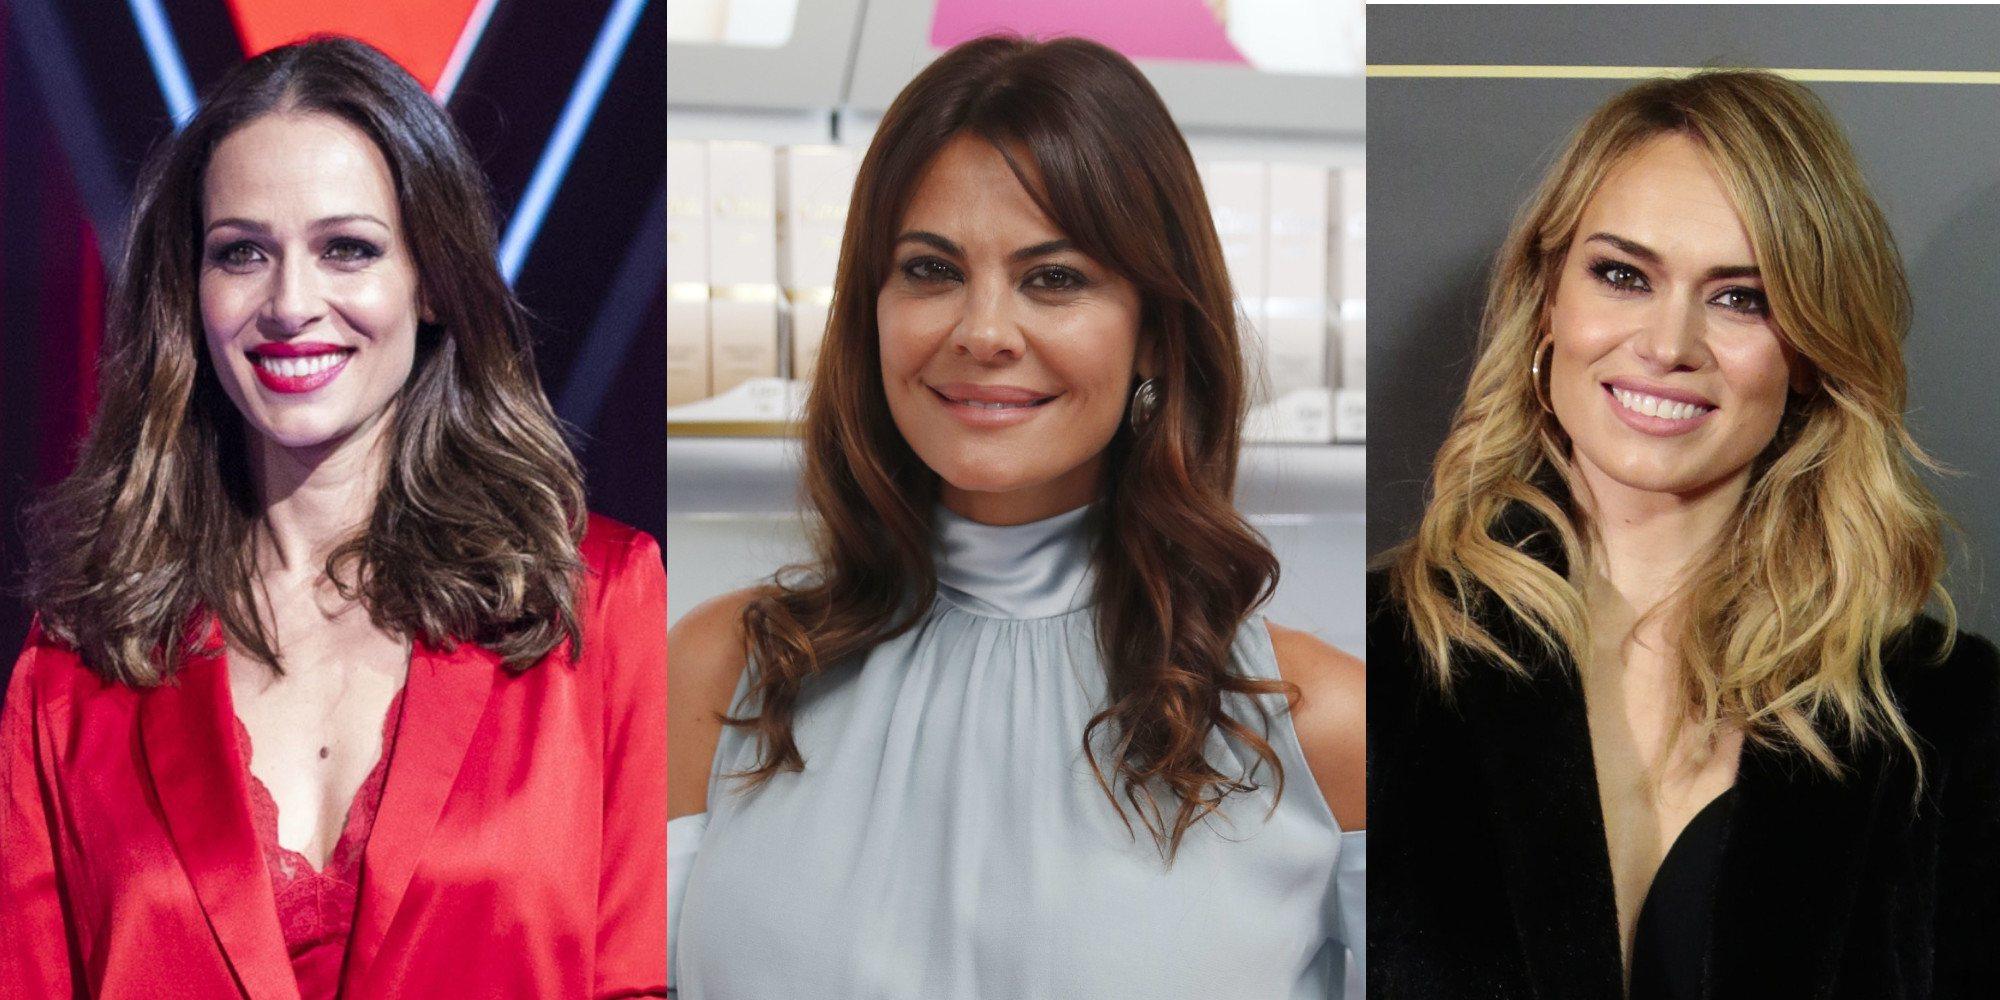 Patricia Conde, Eva González, Lorena Bernal...: Las 6 Misses españolas que dieron el salto a la televisión